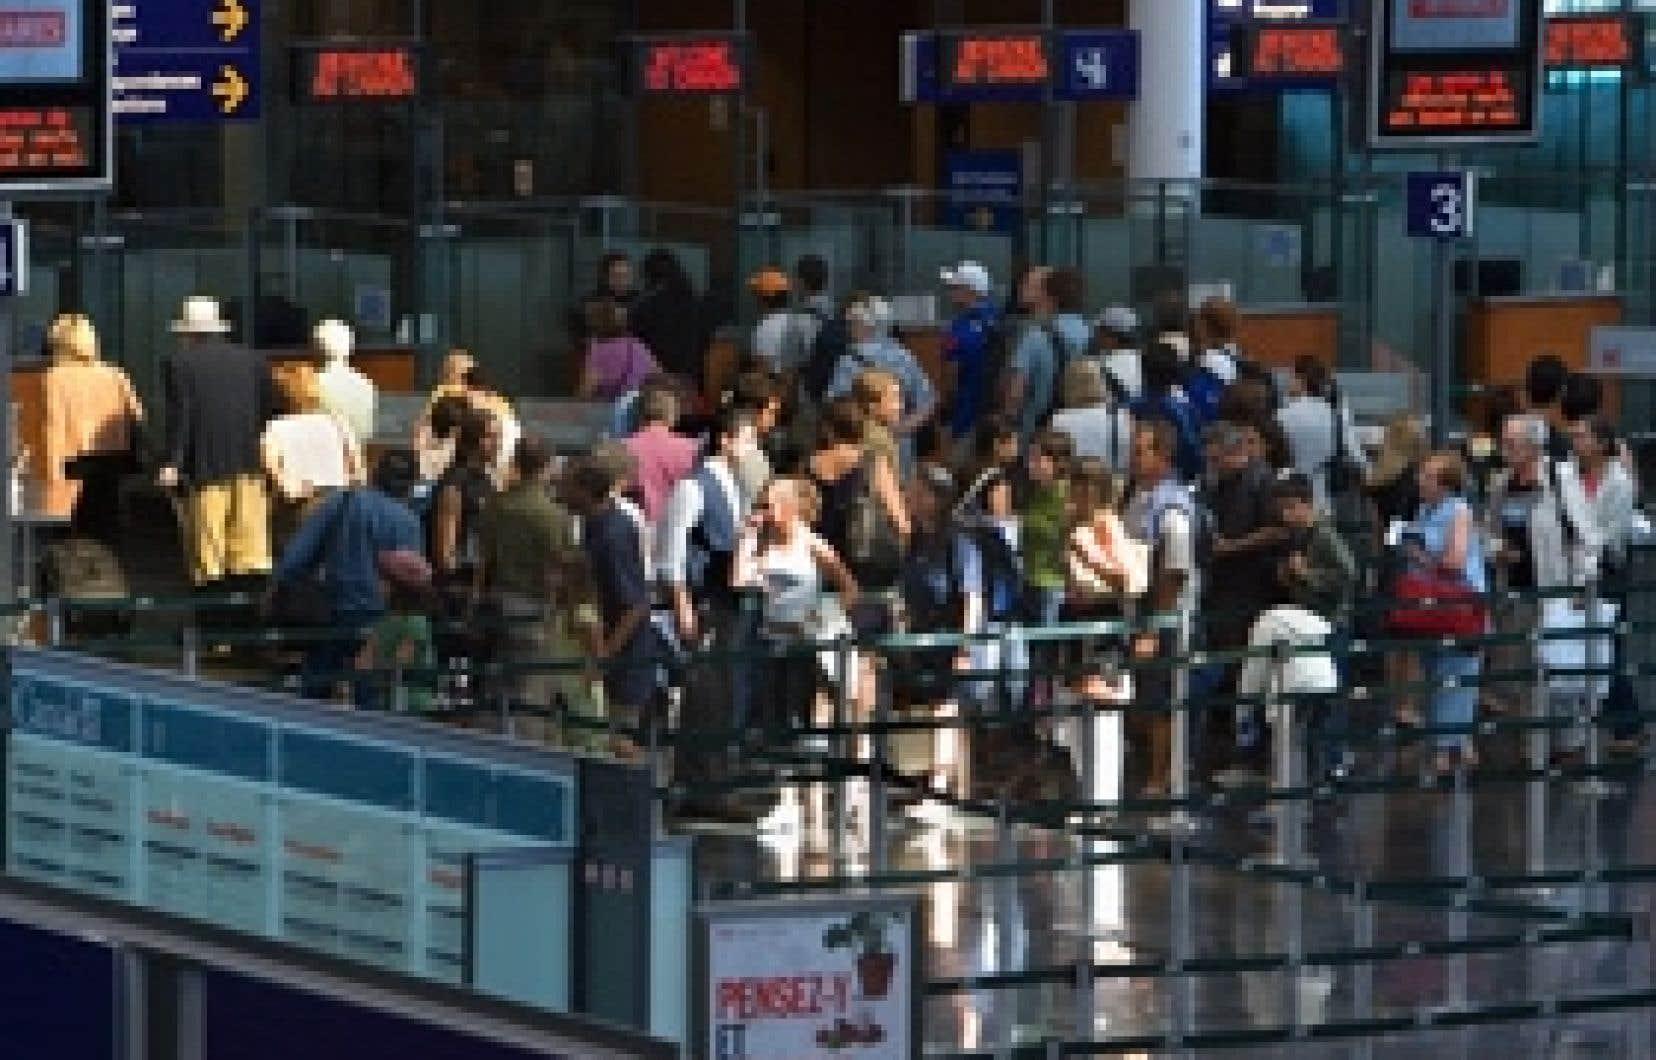 En 2004, un sondage d'Environics a révélé que 82 % des répondants souhaitent que le gouvernement réglemente mieux la publicité sur les billets d'avion et les prix.